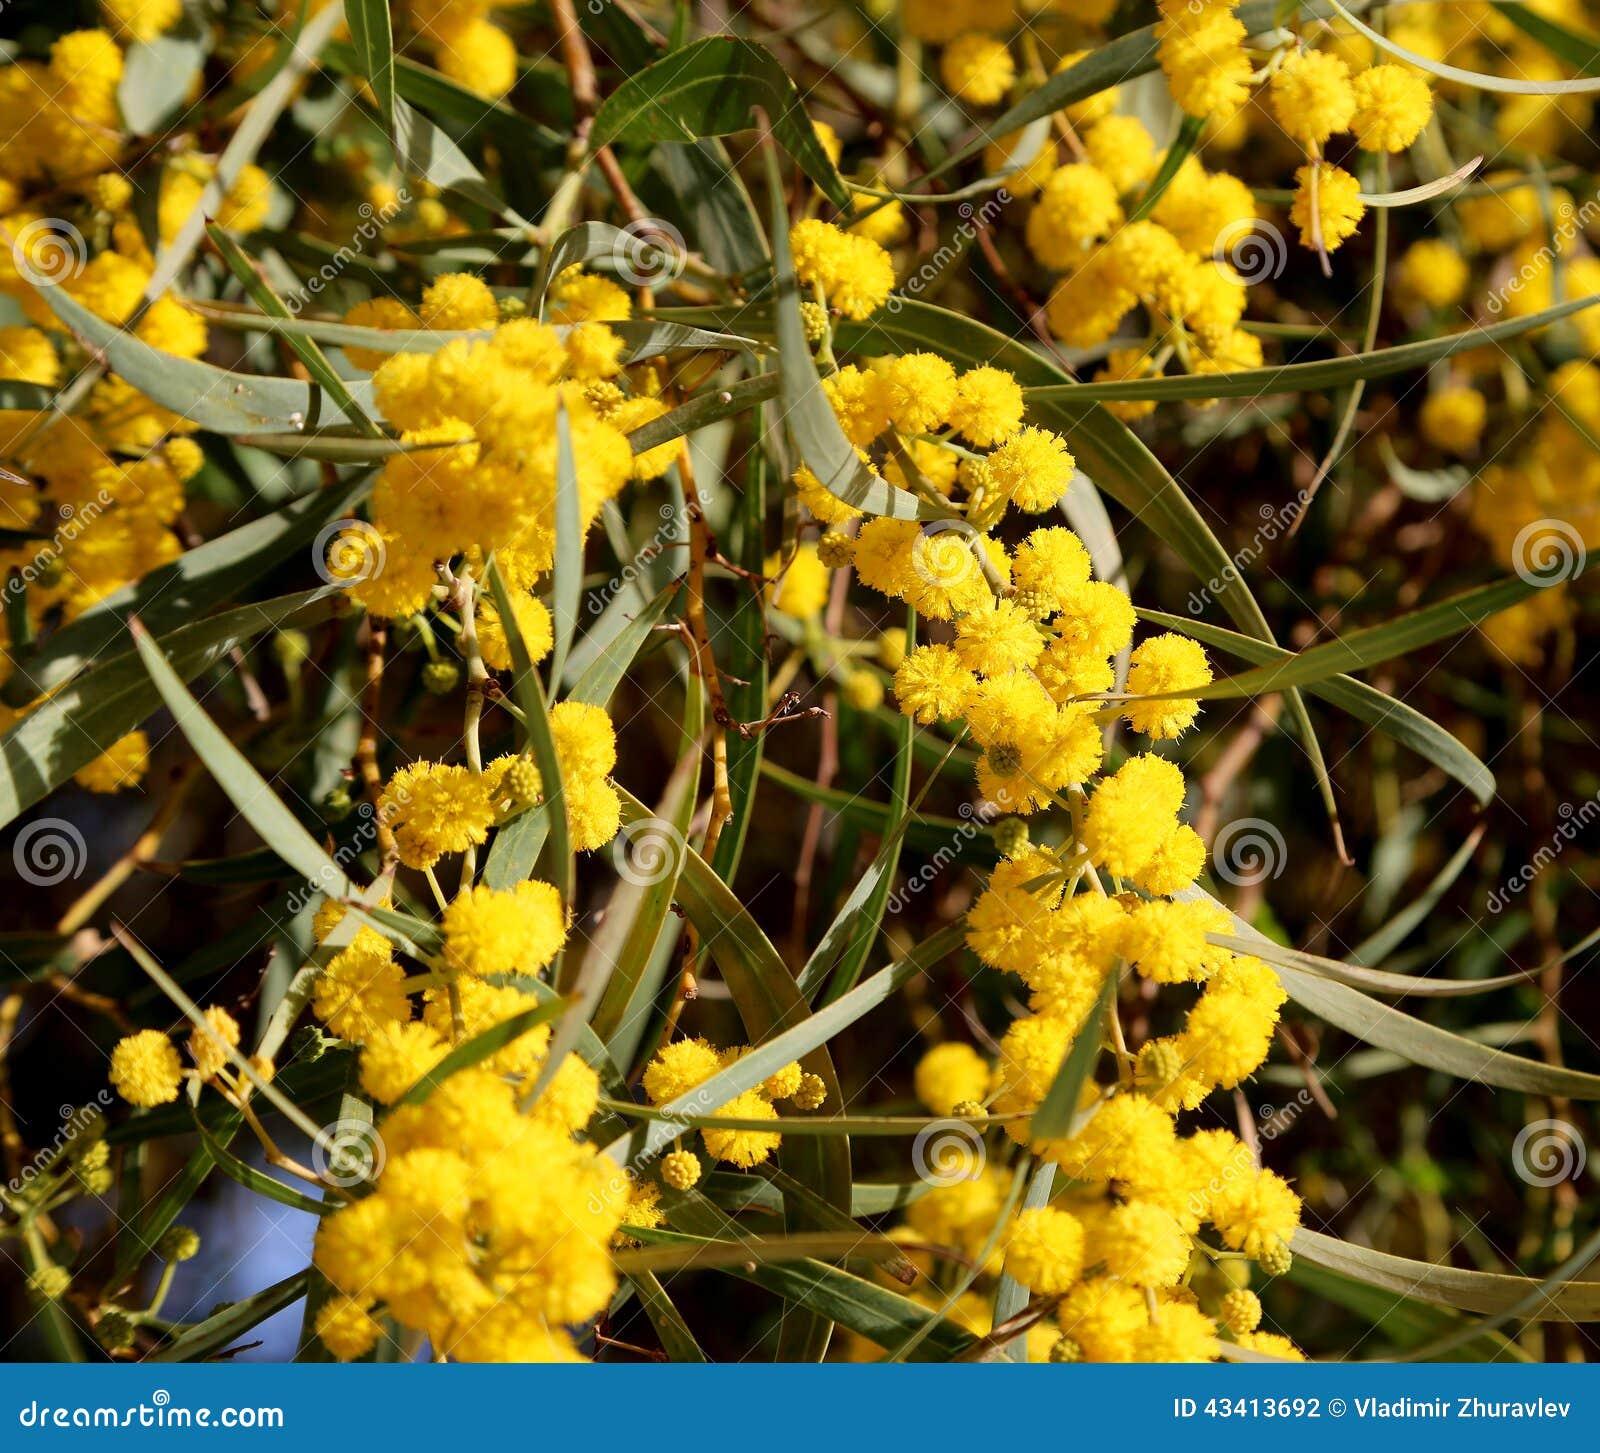 Filiale della pianta del mimosa con i fiori gialli for Pianta del pavimento con dimensioni